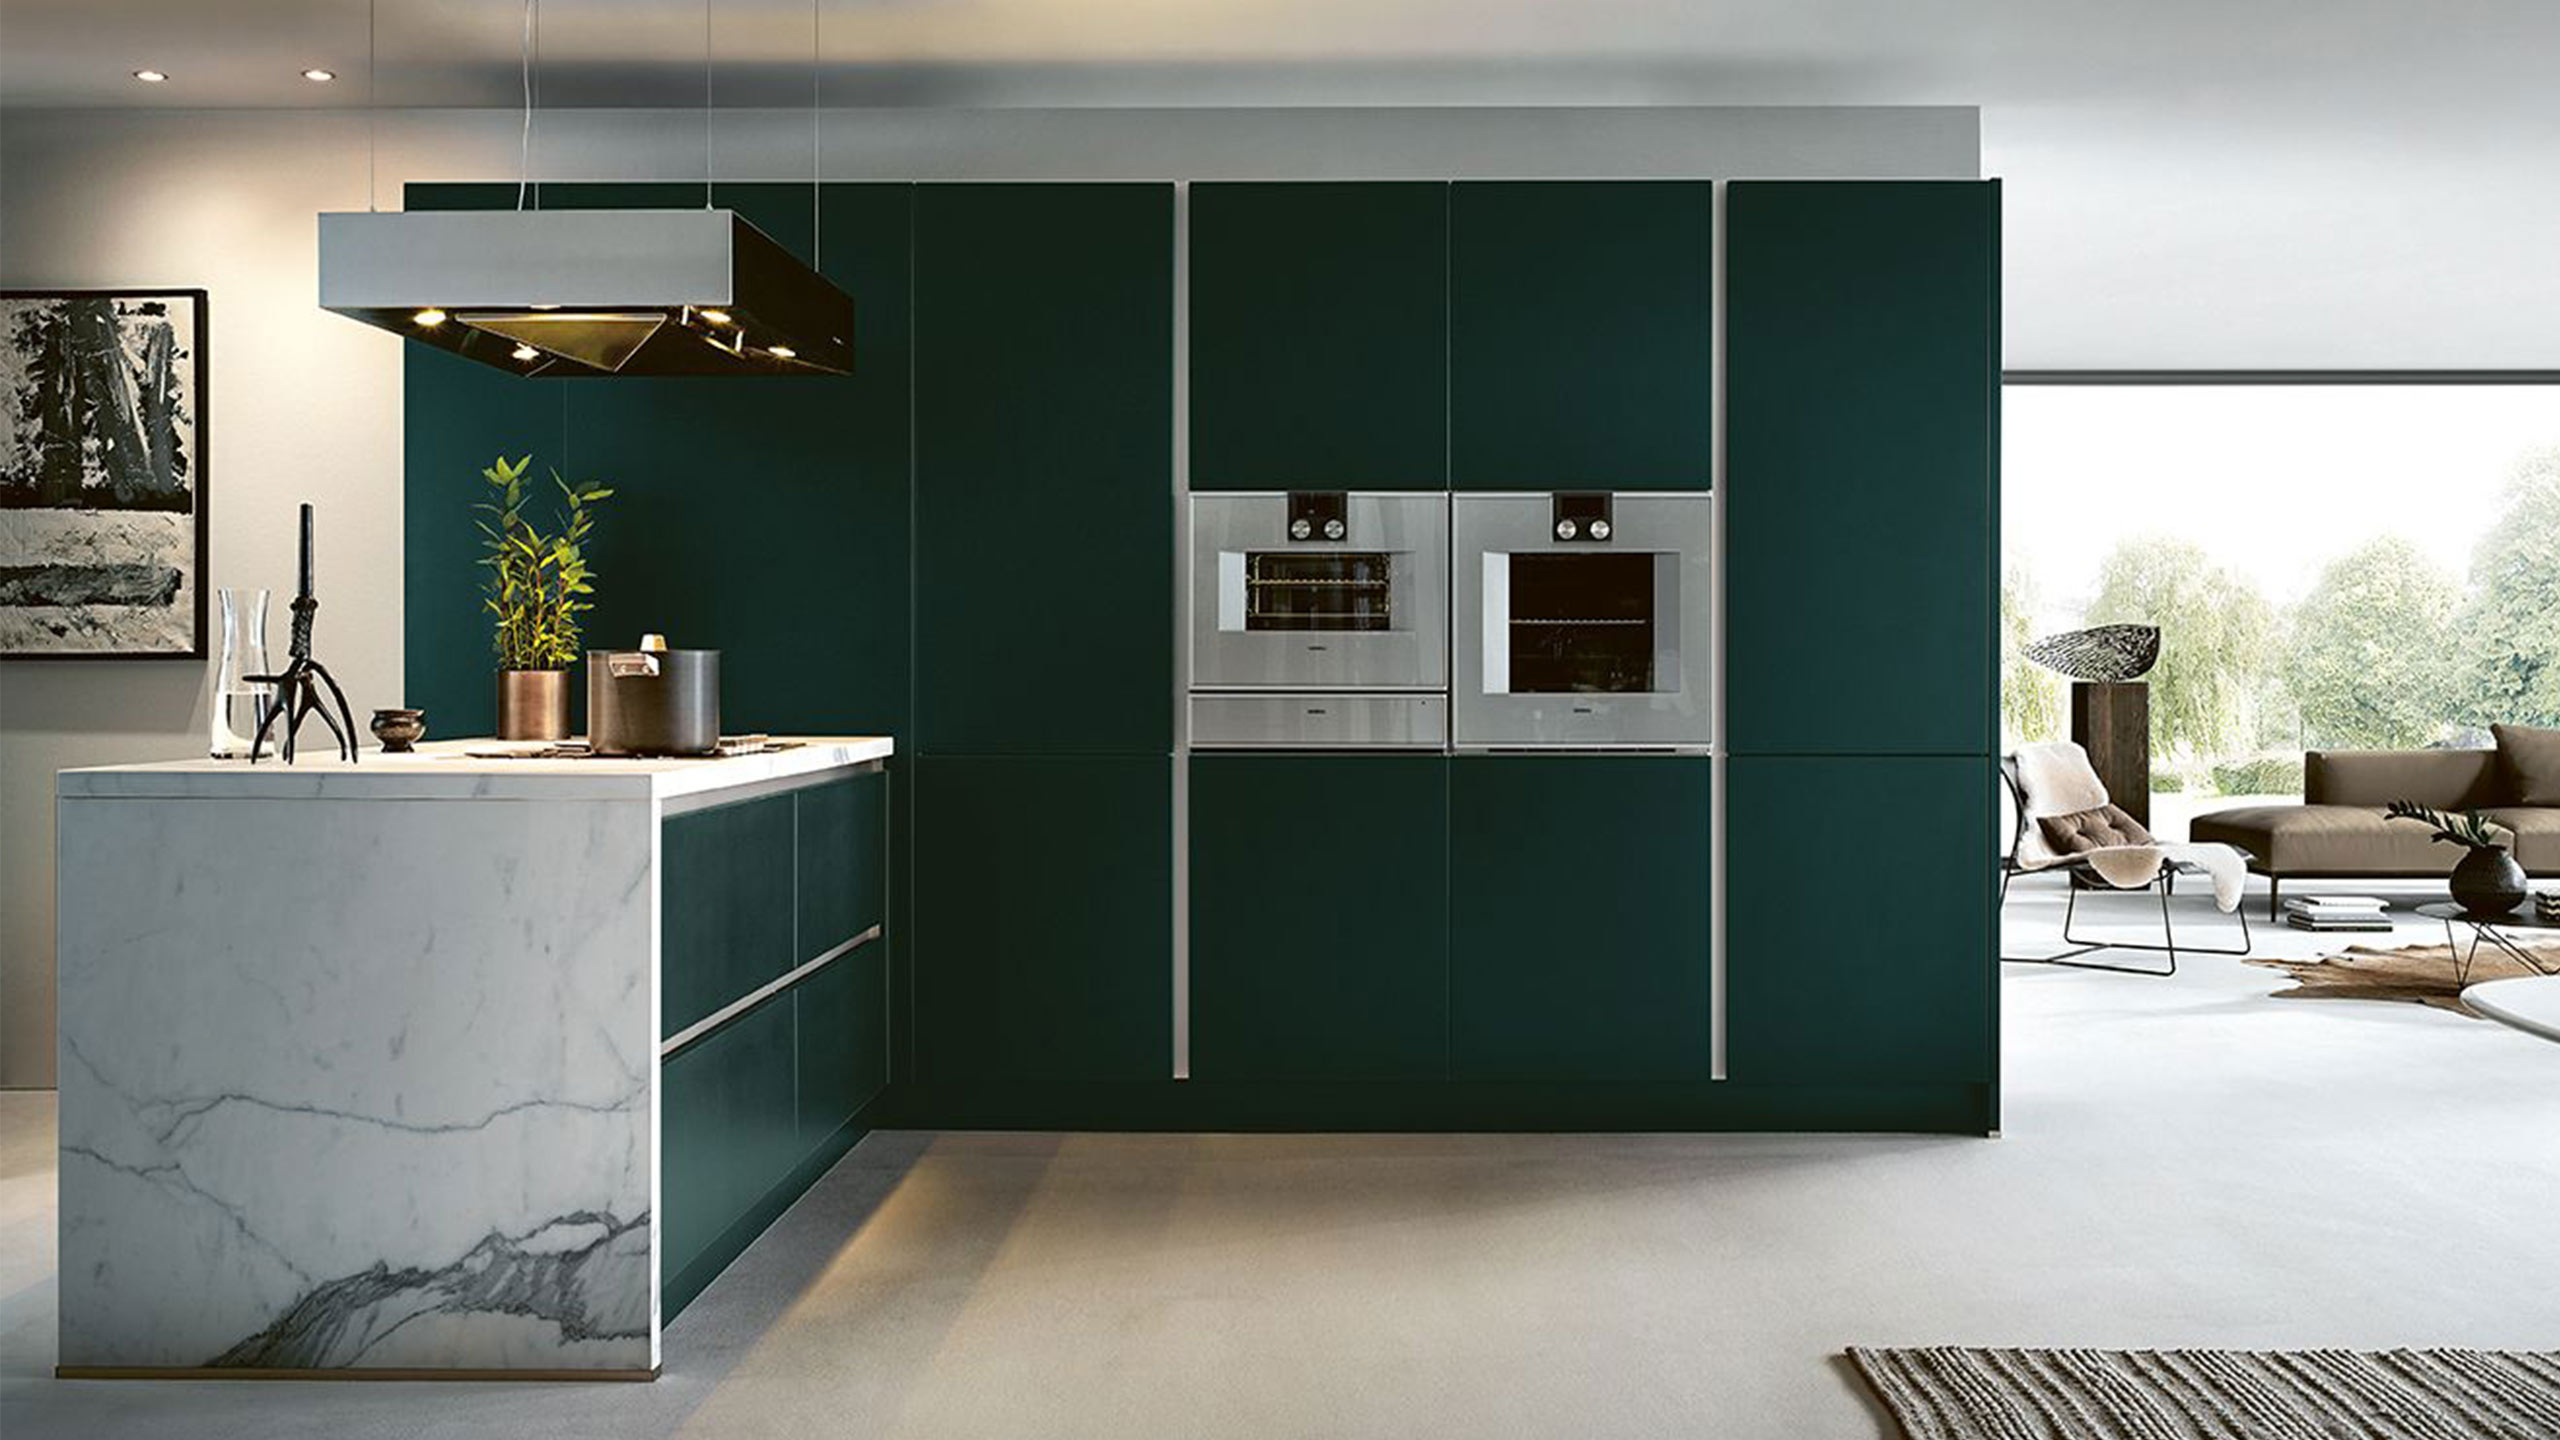 grüne küchen kombinieren und beispielküchen next125 als header im küchen staude magazin